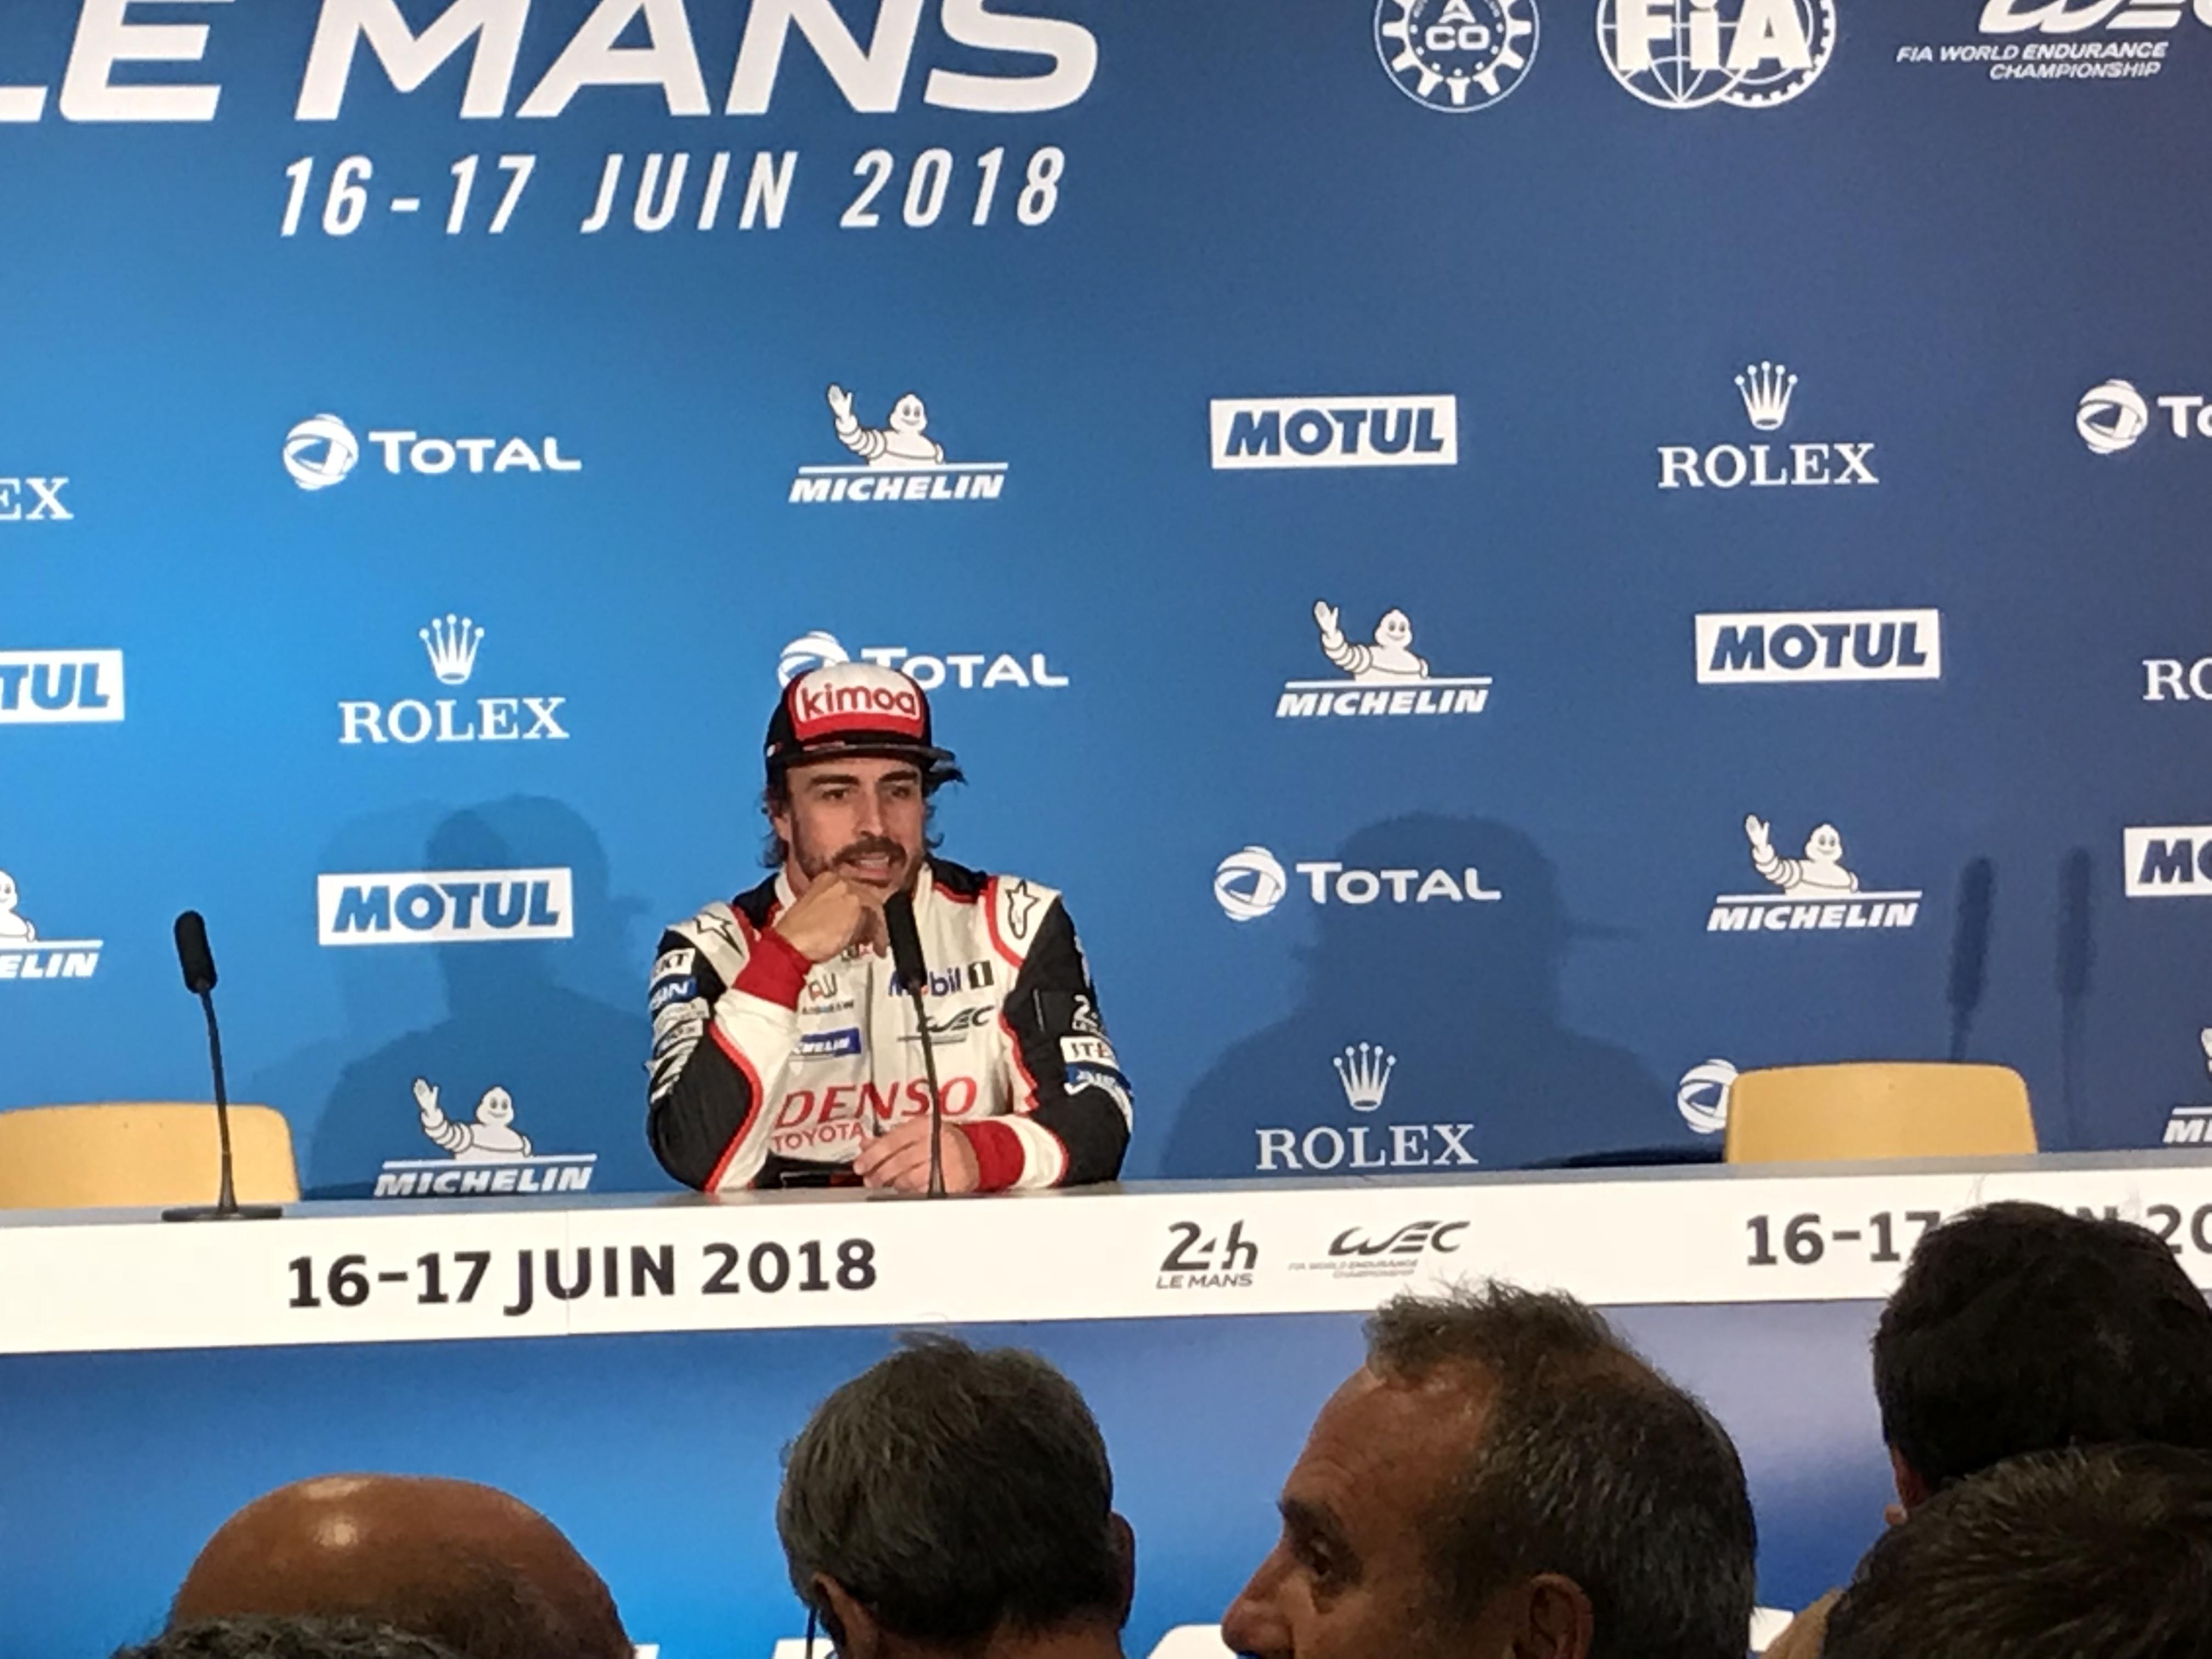 24 Horas de Le Mans 2018 - Página 3 5b255997799f6